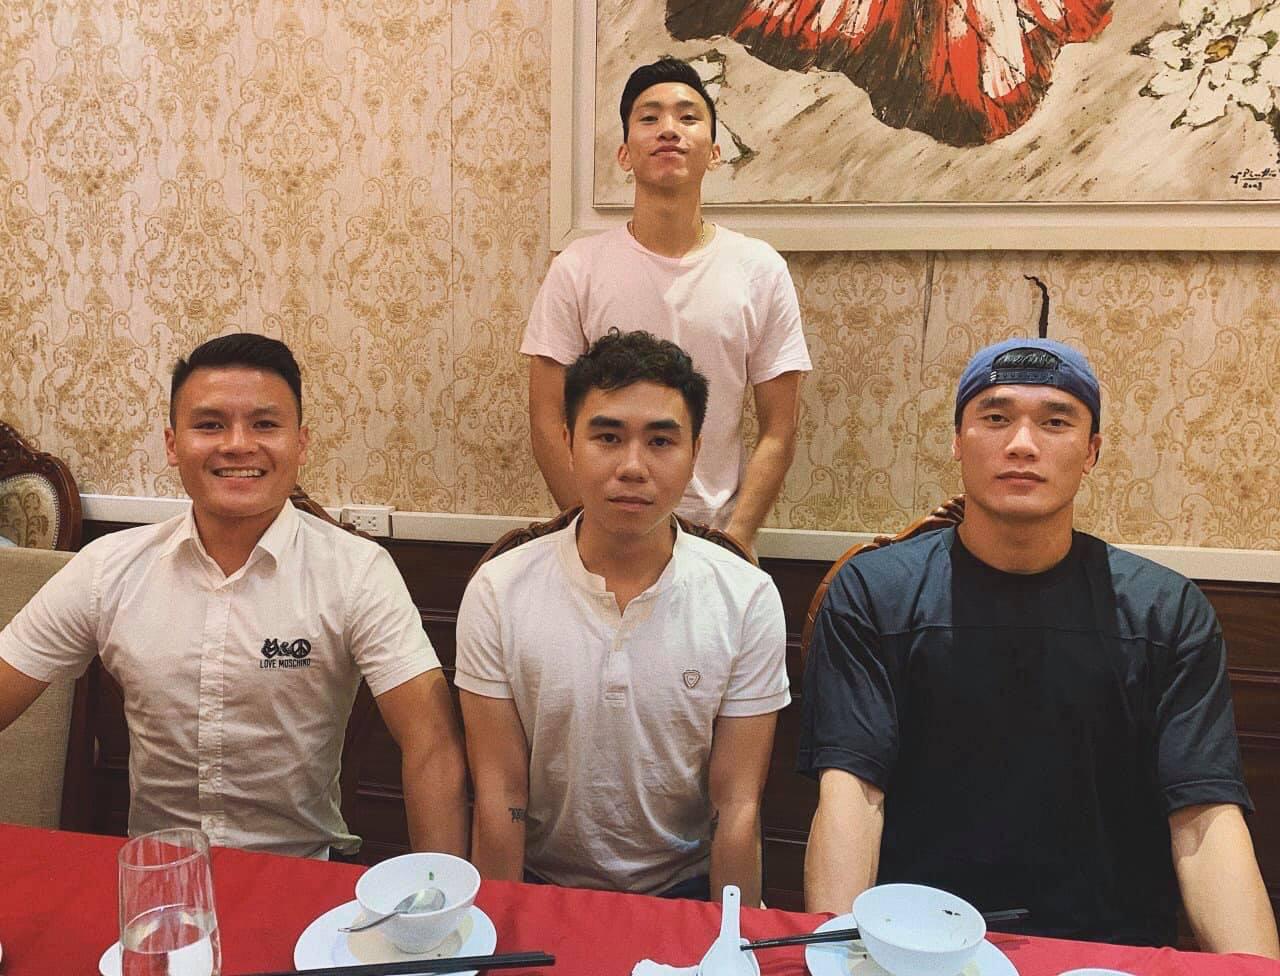 Người anh của Quang Hải trong tin nhắn hacker tiết lộ: Thường xuyên xuất hiện tại nhiều cuộc vui, bữa tiệc của cầu thủ nổi tiếng - Ảnh 6.